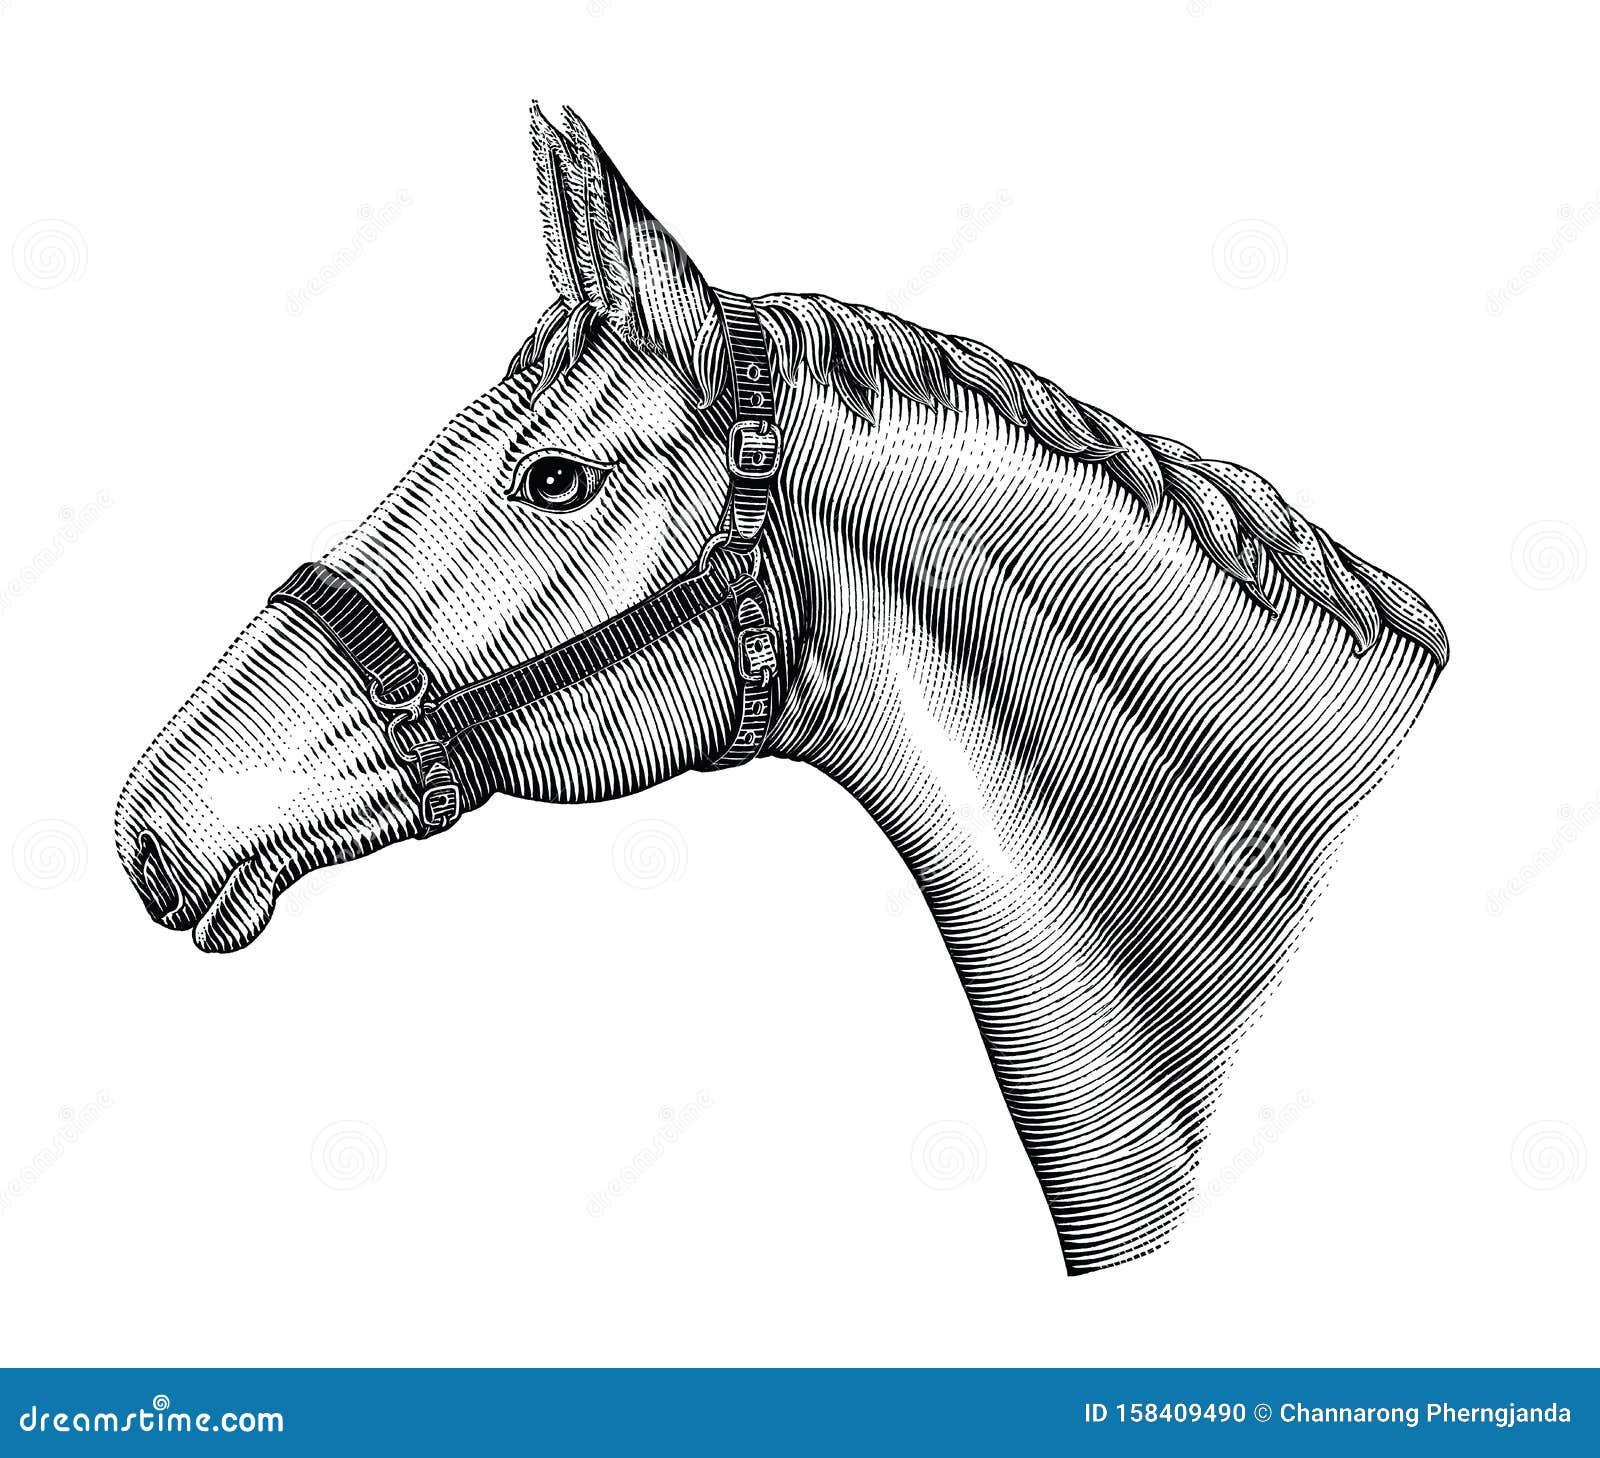 Horse Art Stock Illustrations 62 601 Horse Art Stock Illustrations Vectors Clipart Dreamstime